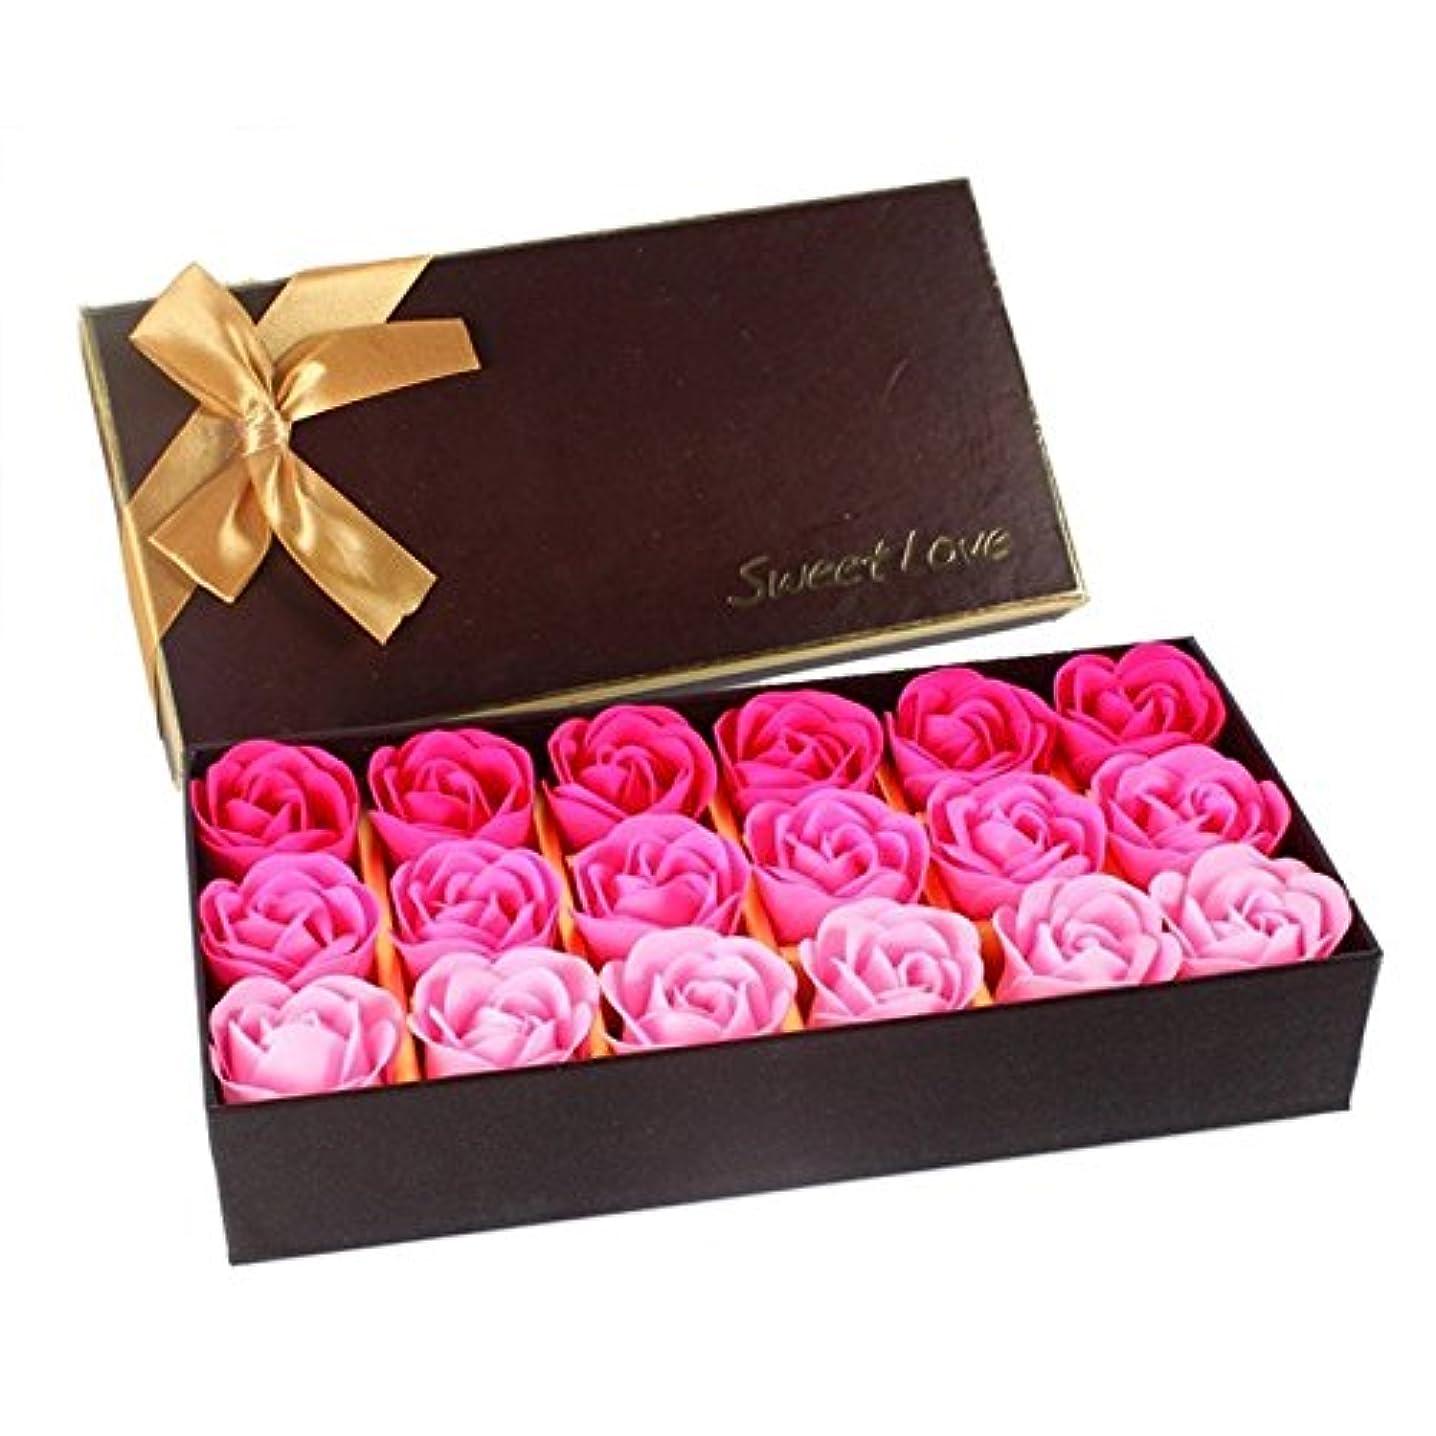 関係緊張する称賛ローズ フラワーソープ 石鹸 薔薇 プレゼント お祝い ① #333